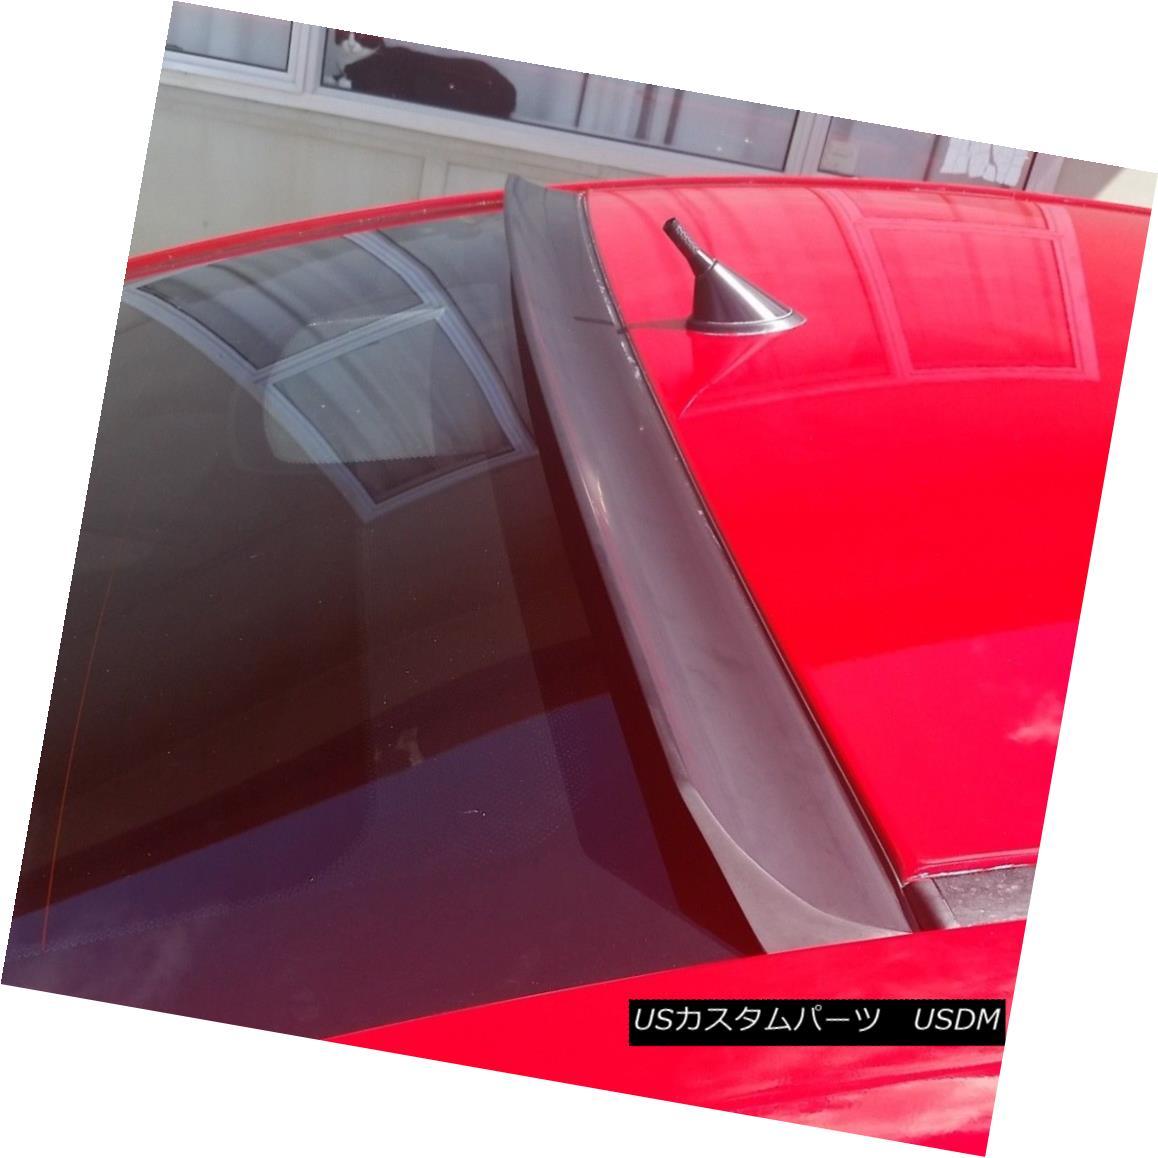 284L Mercedes Spoiler C207 Roof Flat Black E-class For New Wing メルセデスベンツEクラスC207クーペのフラットブラック新284Lリアルーフスポイラーウィング Benz Coupe Rear エアロパーツ